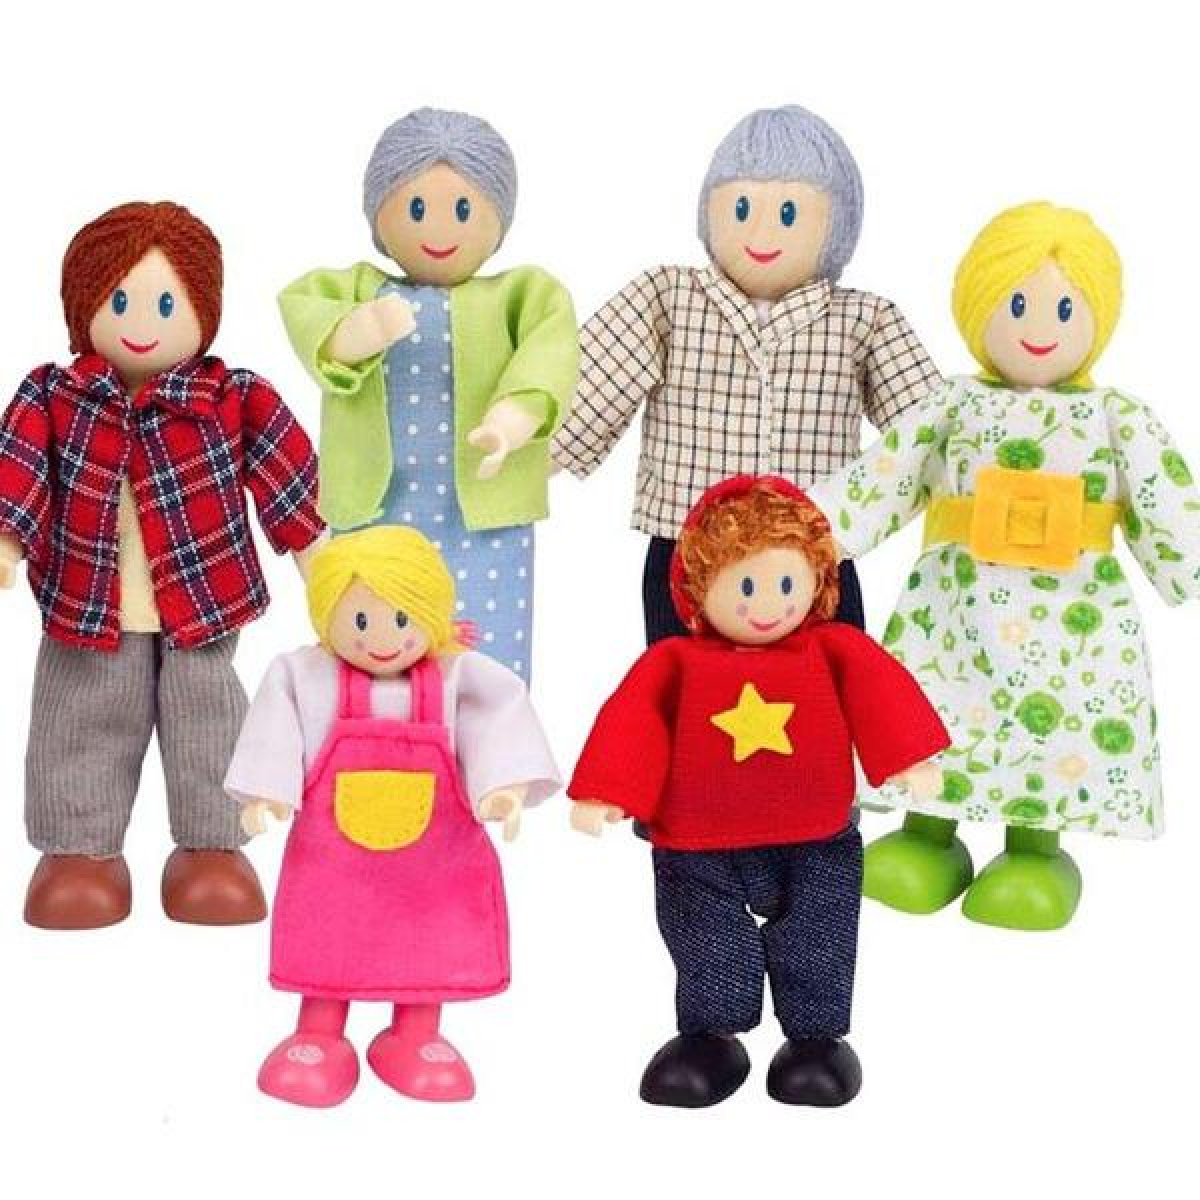 Hape - Famille joyeuse maison de poupée Hape